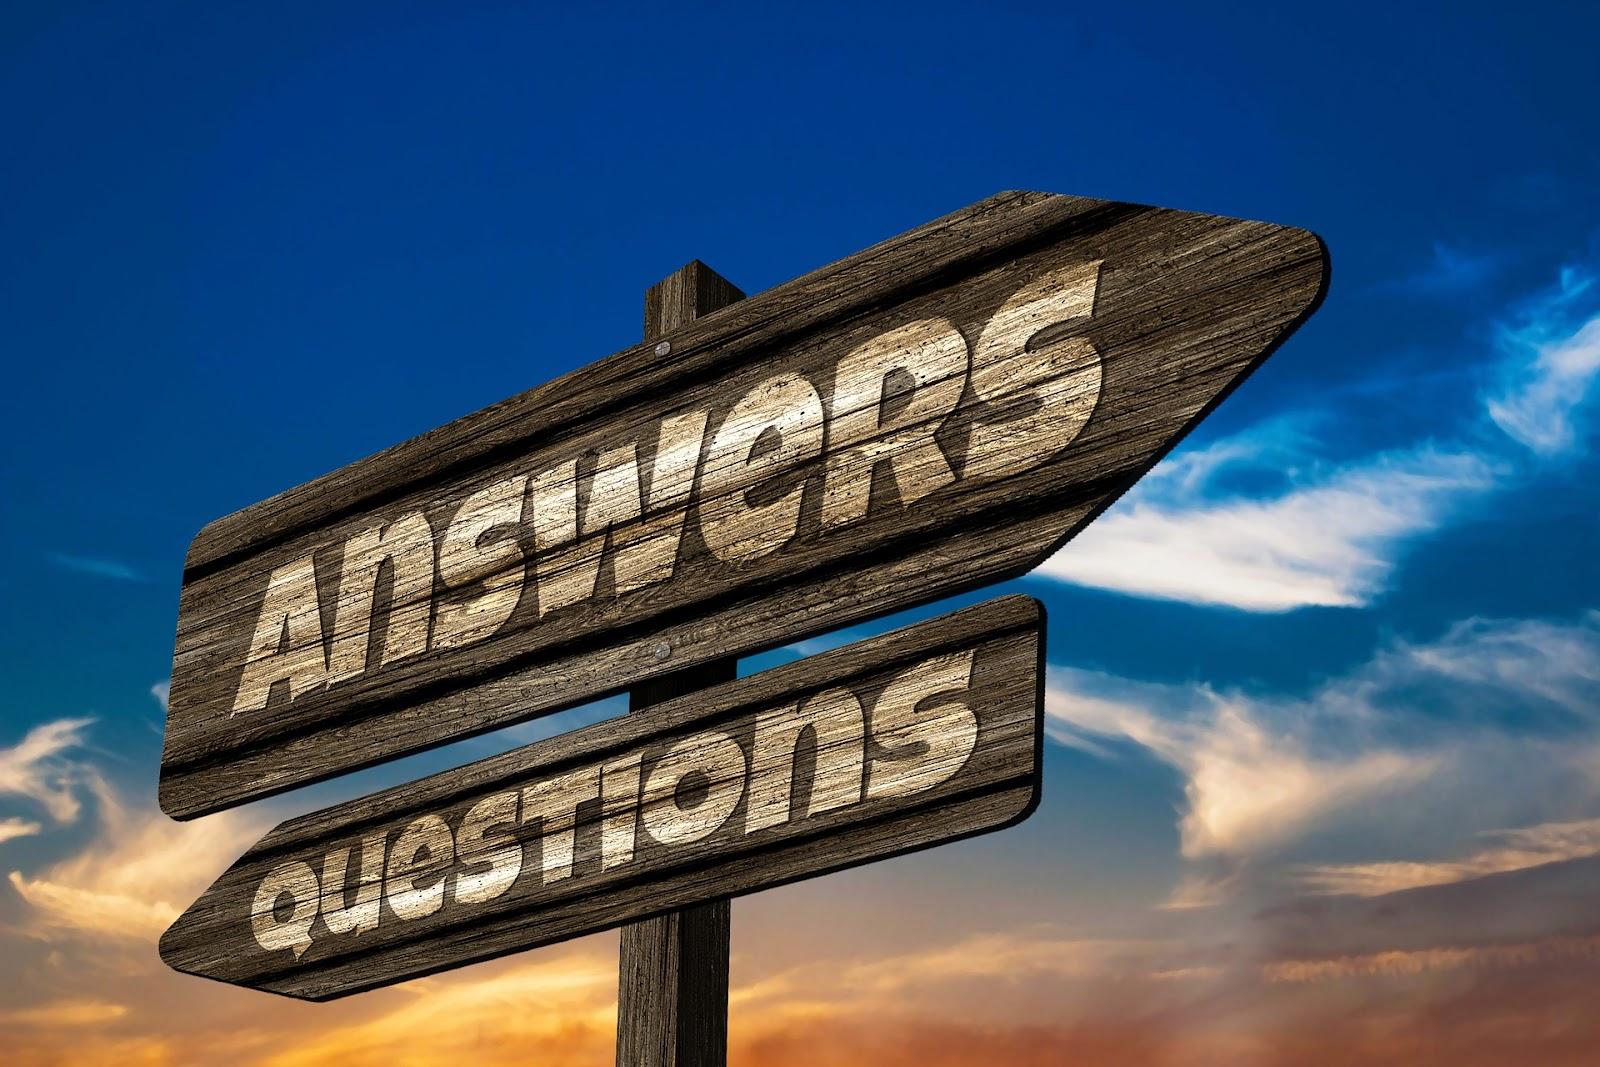 Drogowskaz na tle nieba, wskazuje pytania i odpowiedzi.